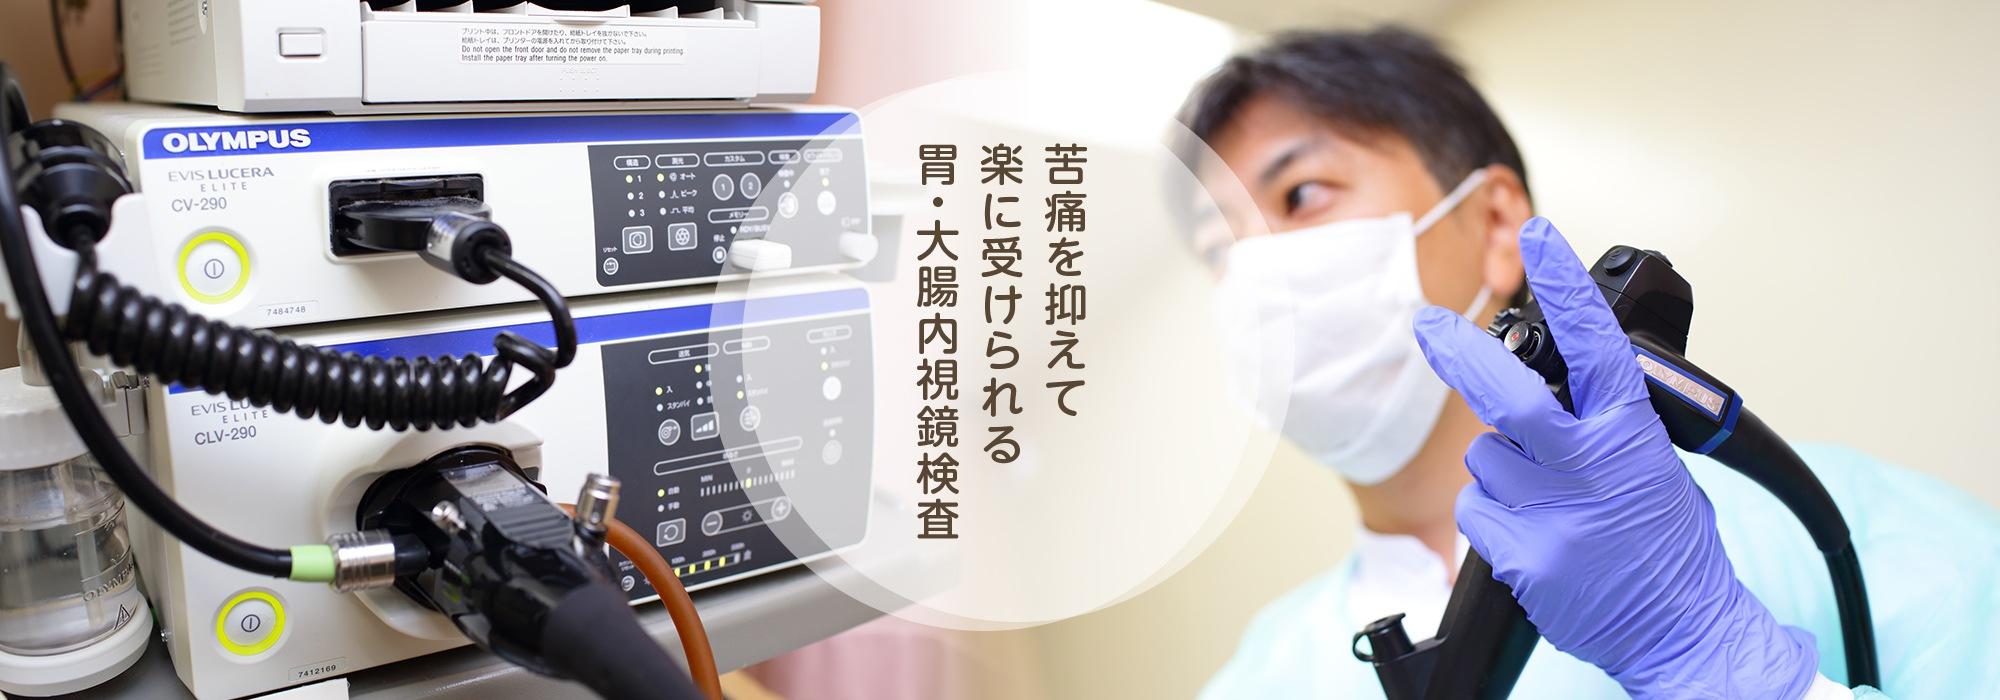 苦痛を抑えて楽に受けられる胃・大腸内視鏡検査